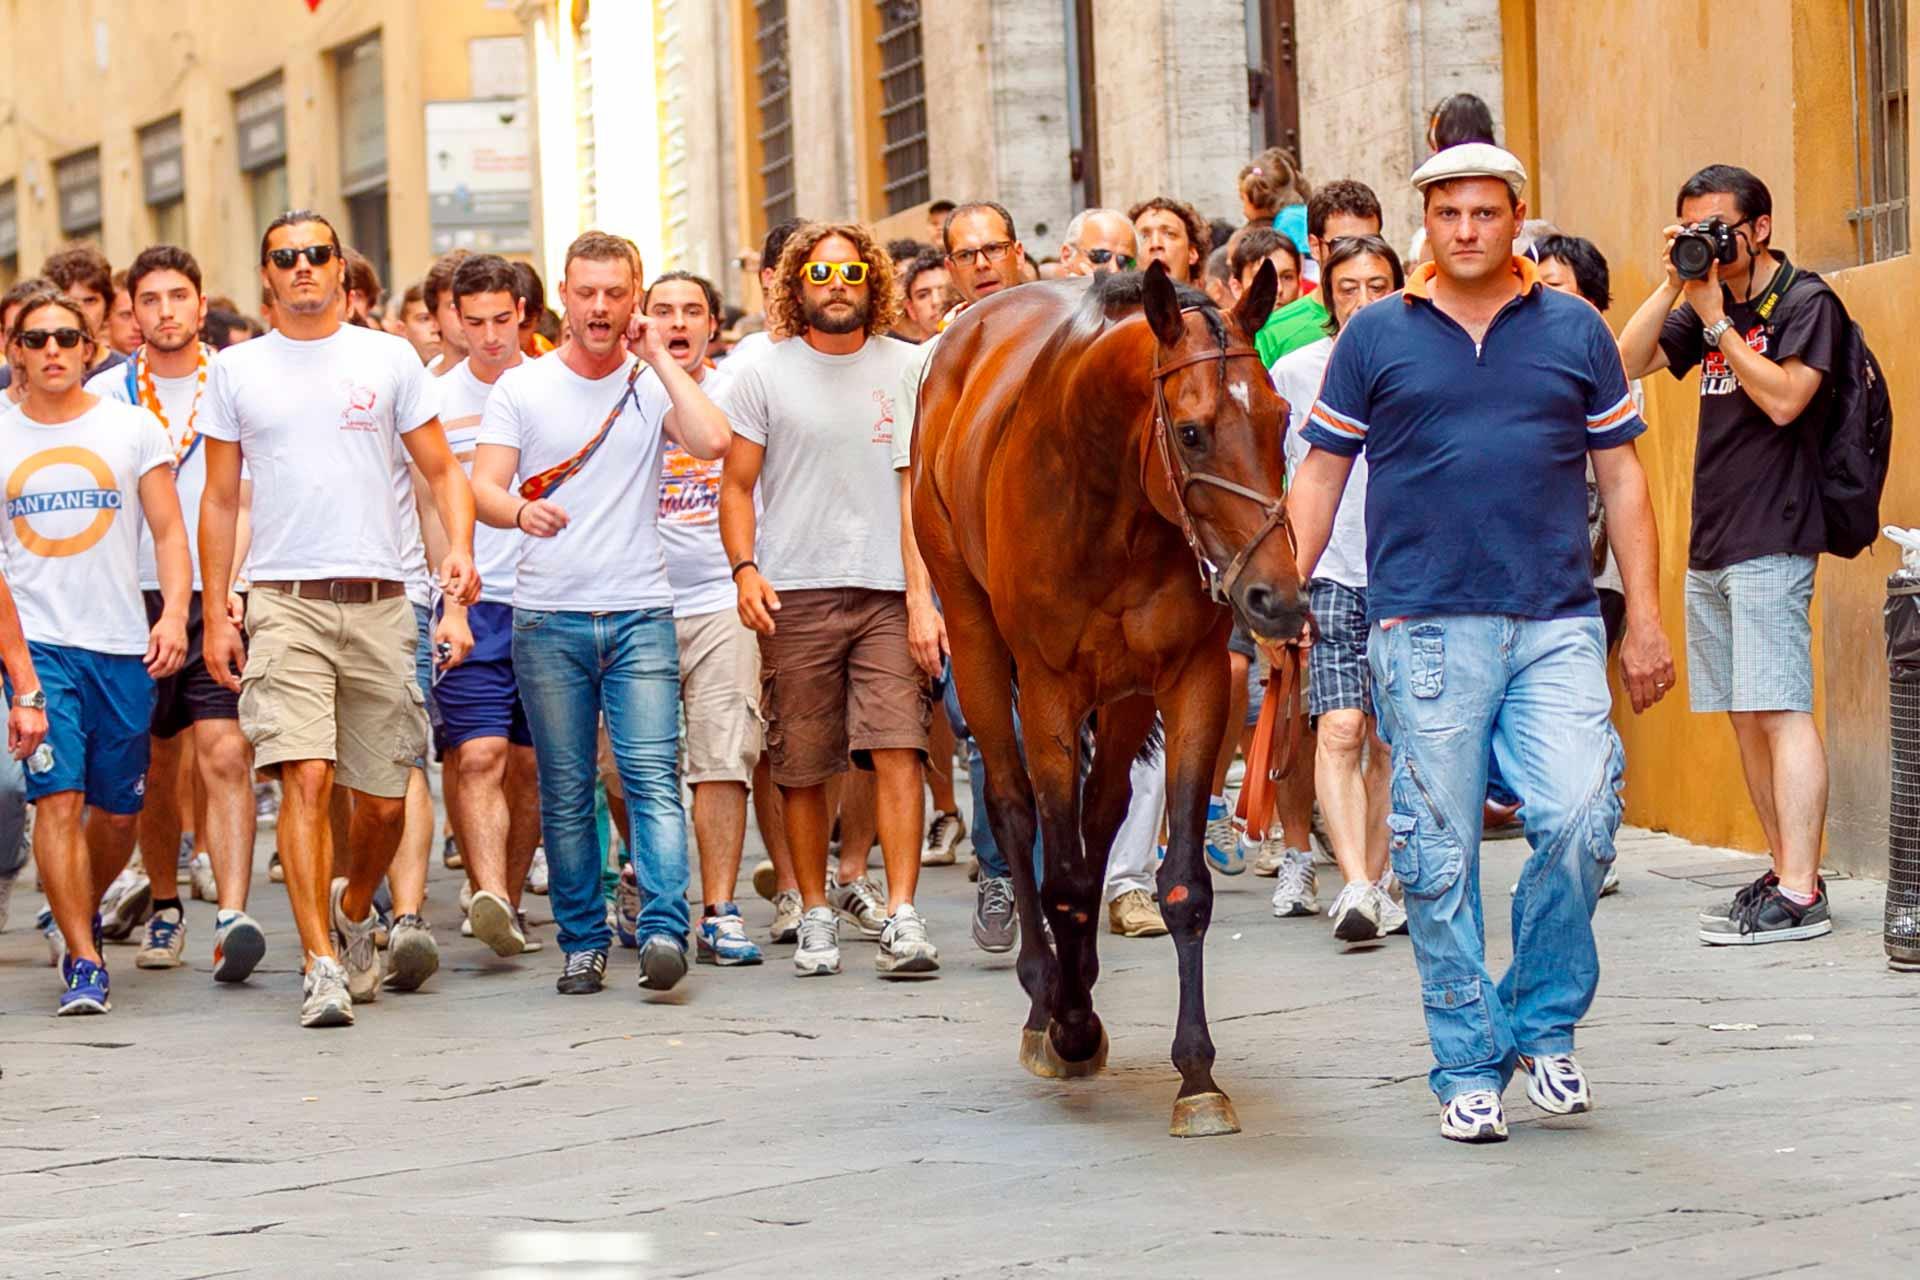 IL SORTEGGIO - B?rbero e Barbaresco, seguiti dai contradaioli che inneggiano i canti di contrada, si trasferiscono dalla Piazza alla stalla.